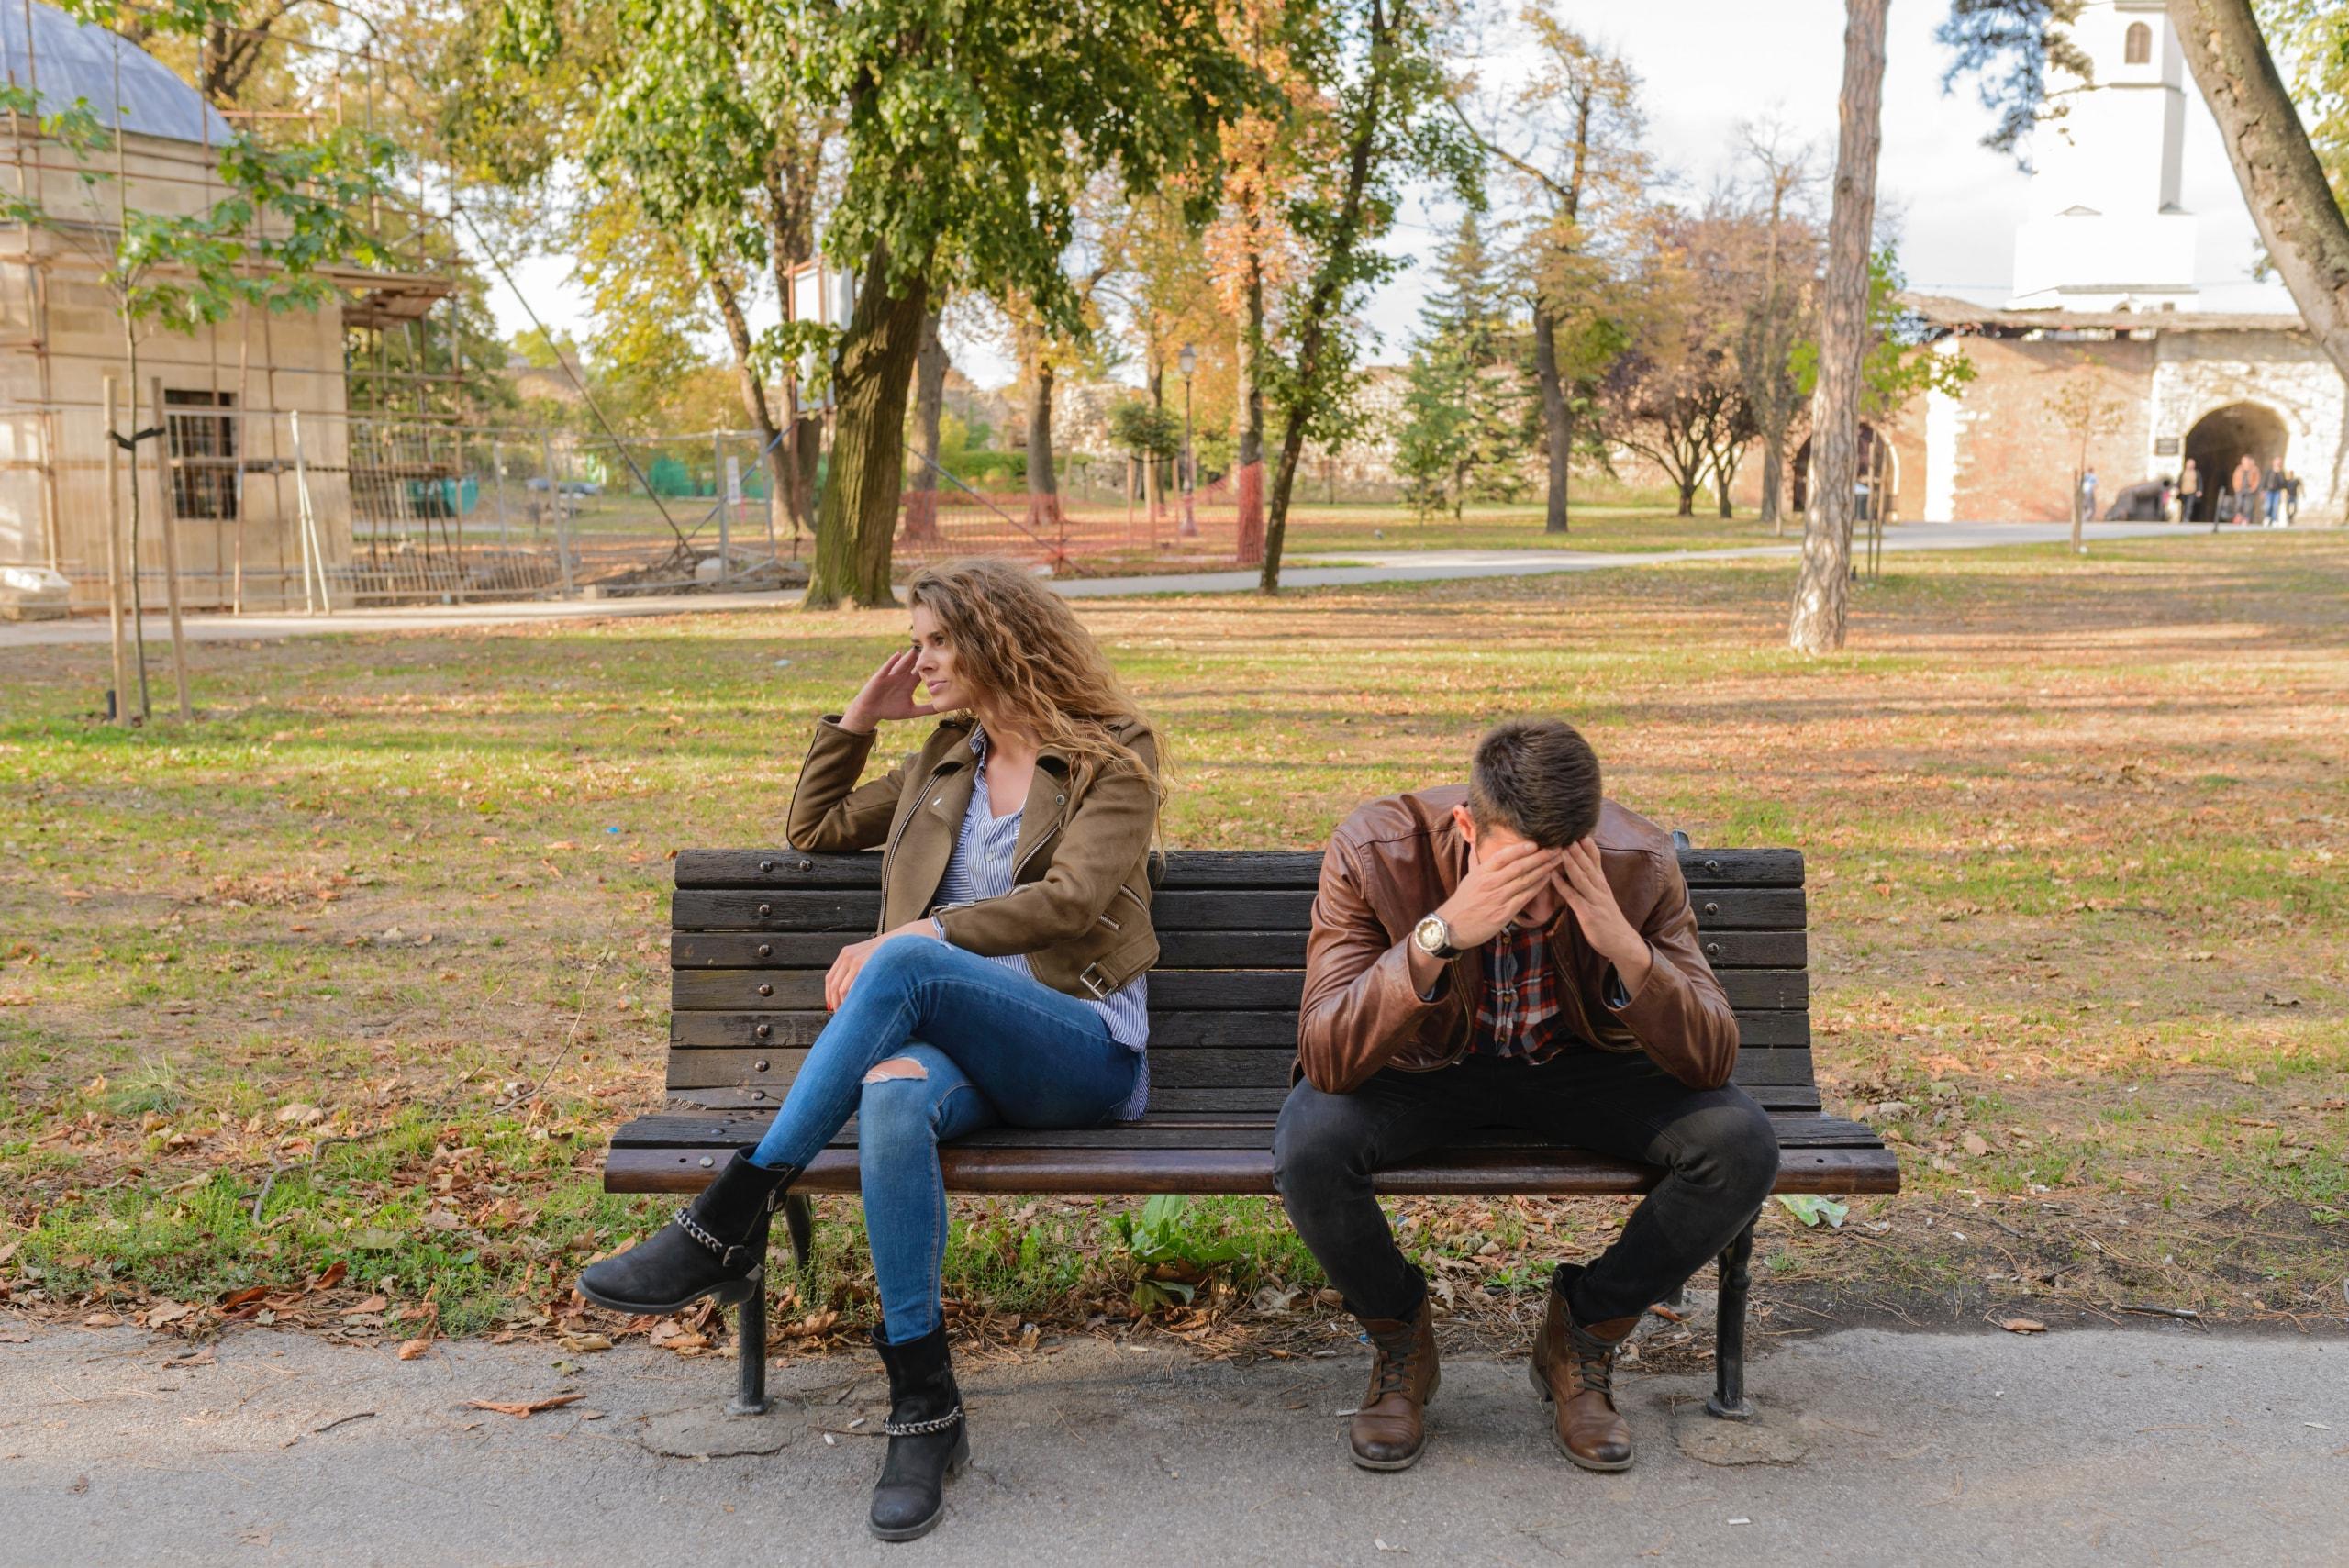 やっぱりやっておくべきだった! 結婚後に感じる後悔・不満のイメージ